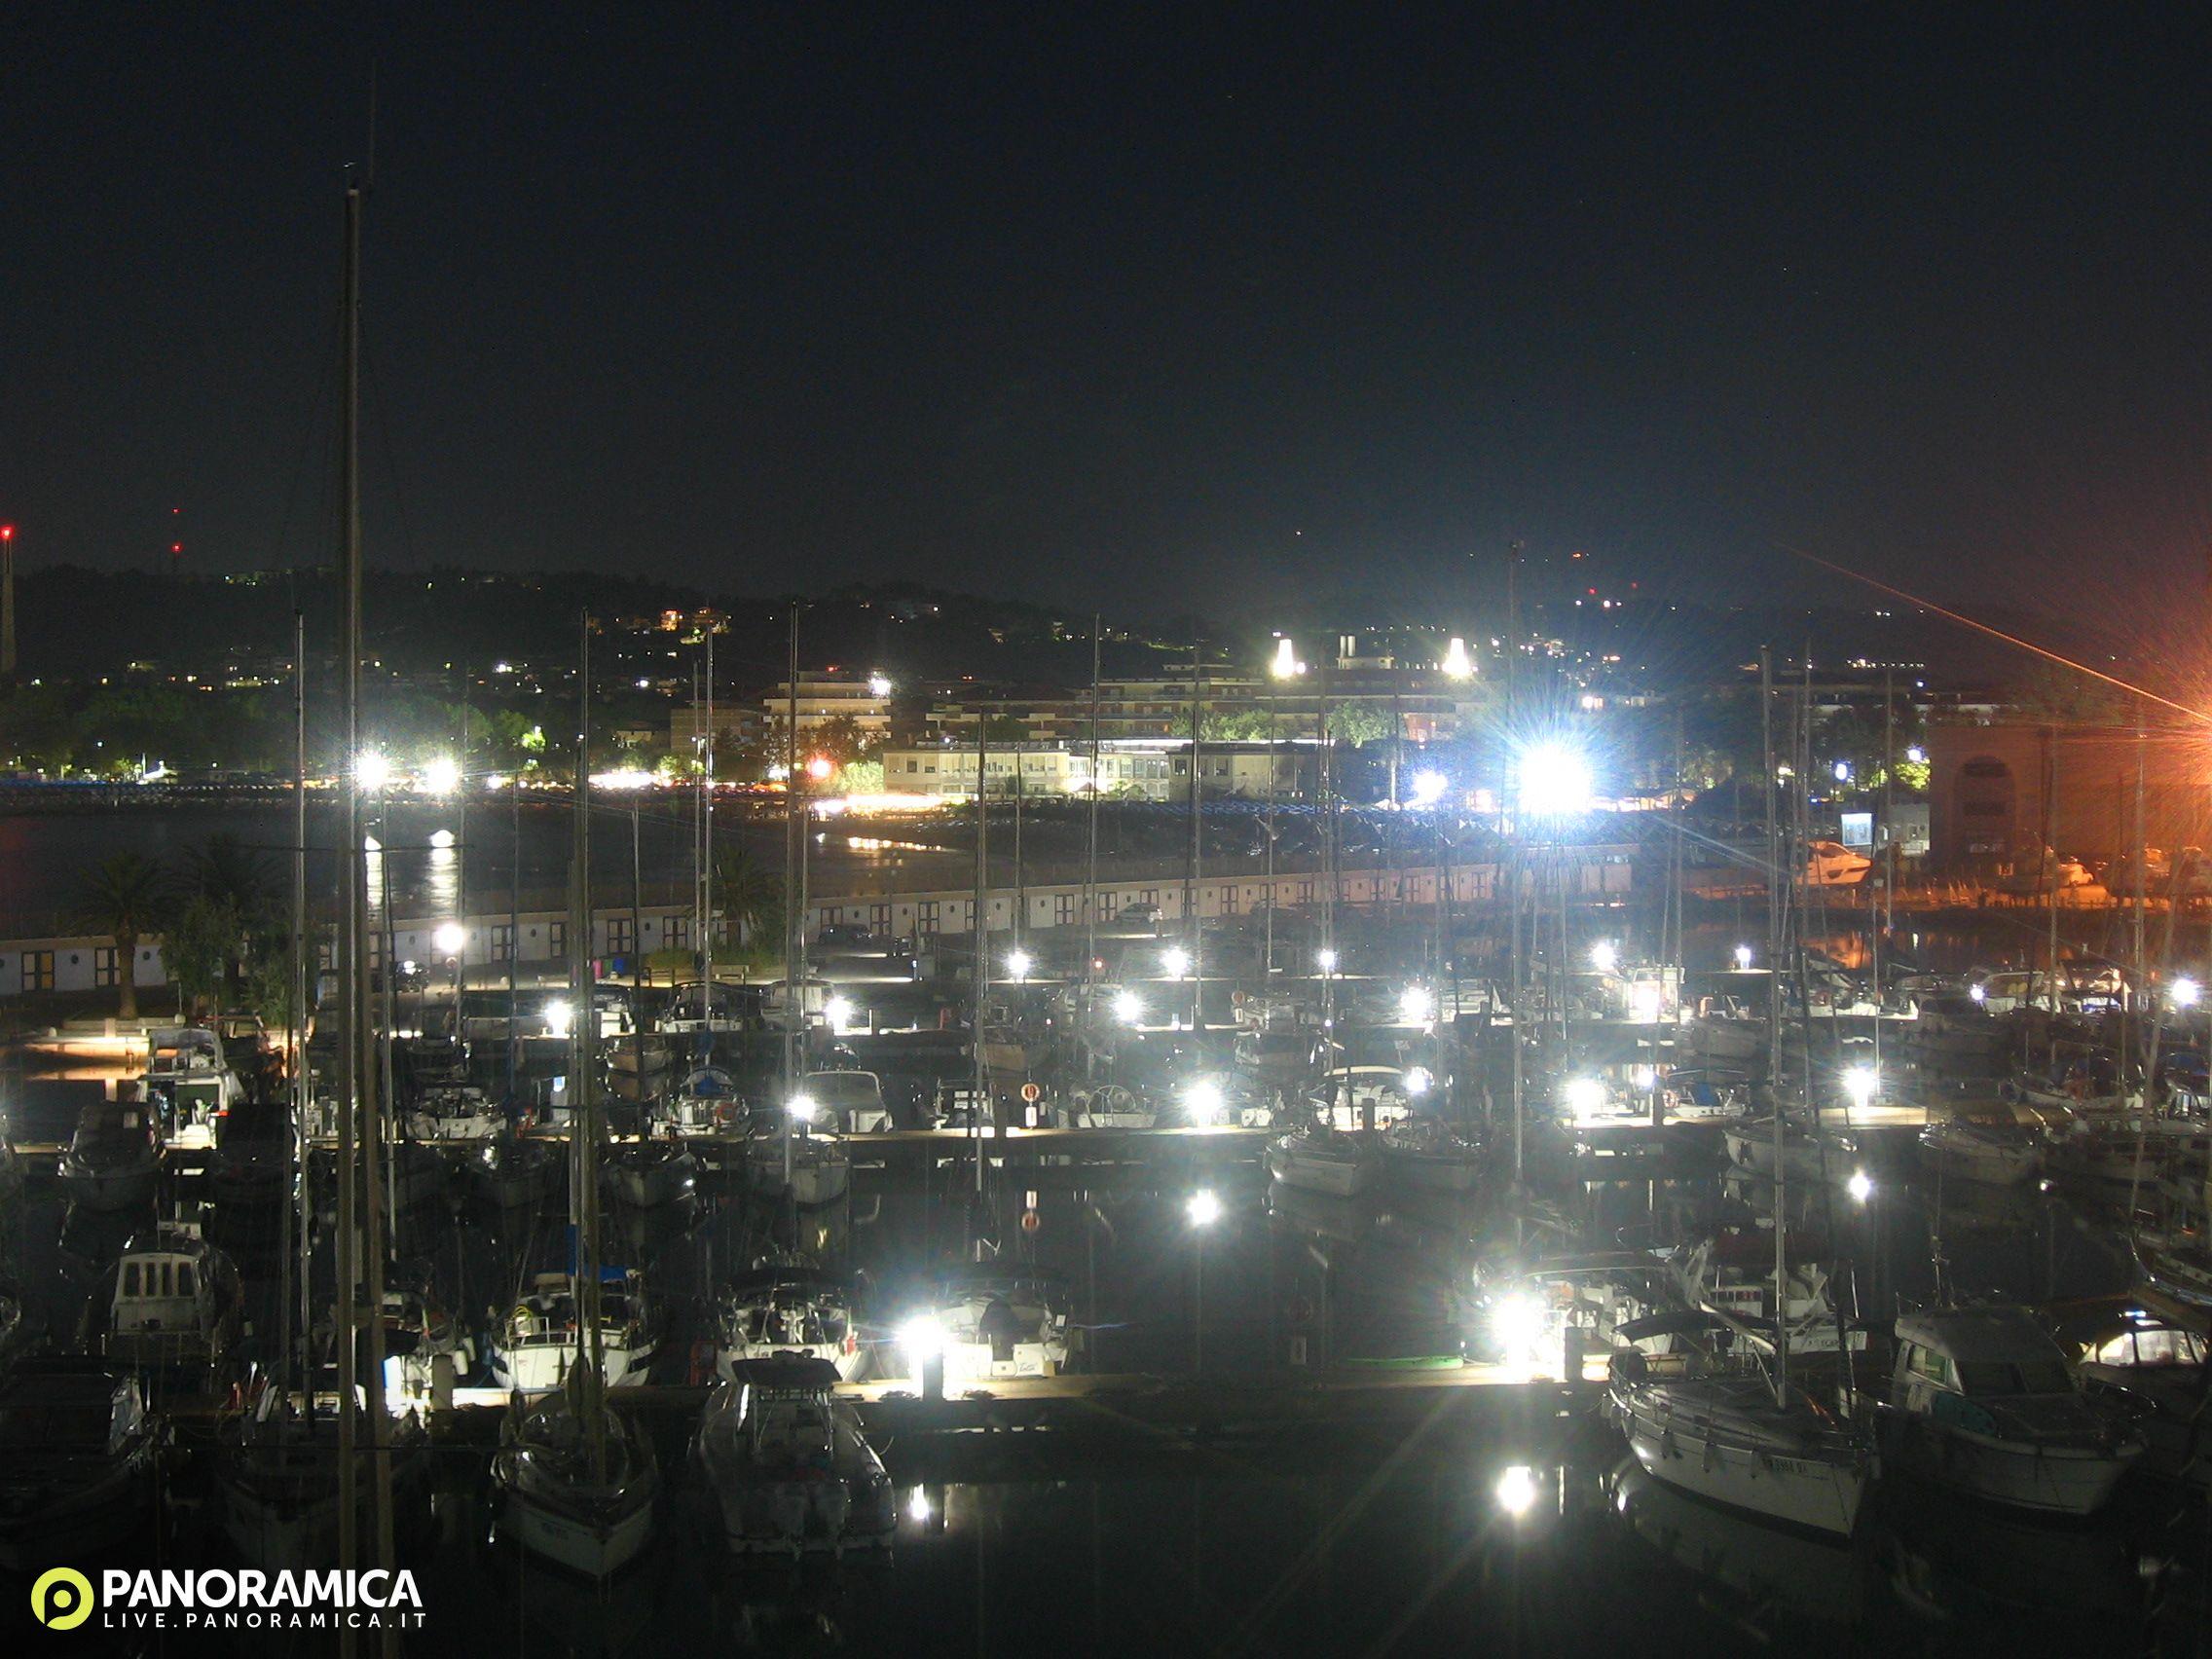 Pescara Camera Live : Webcam pescara live panoramica.it